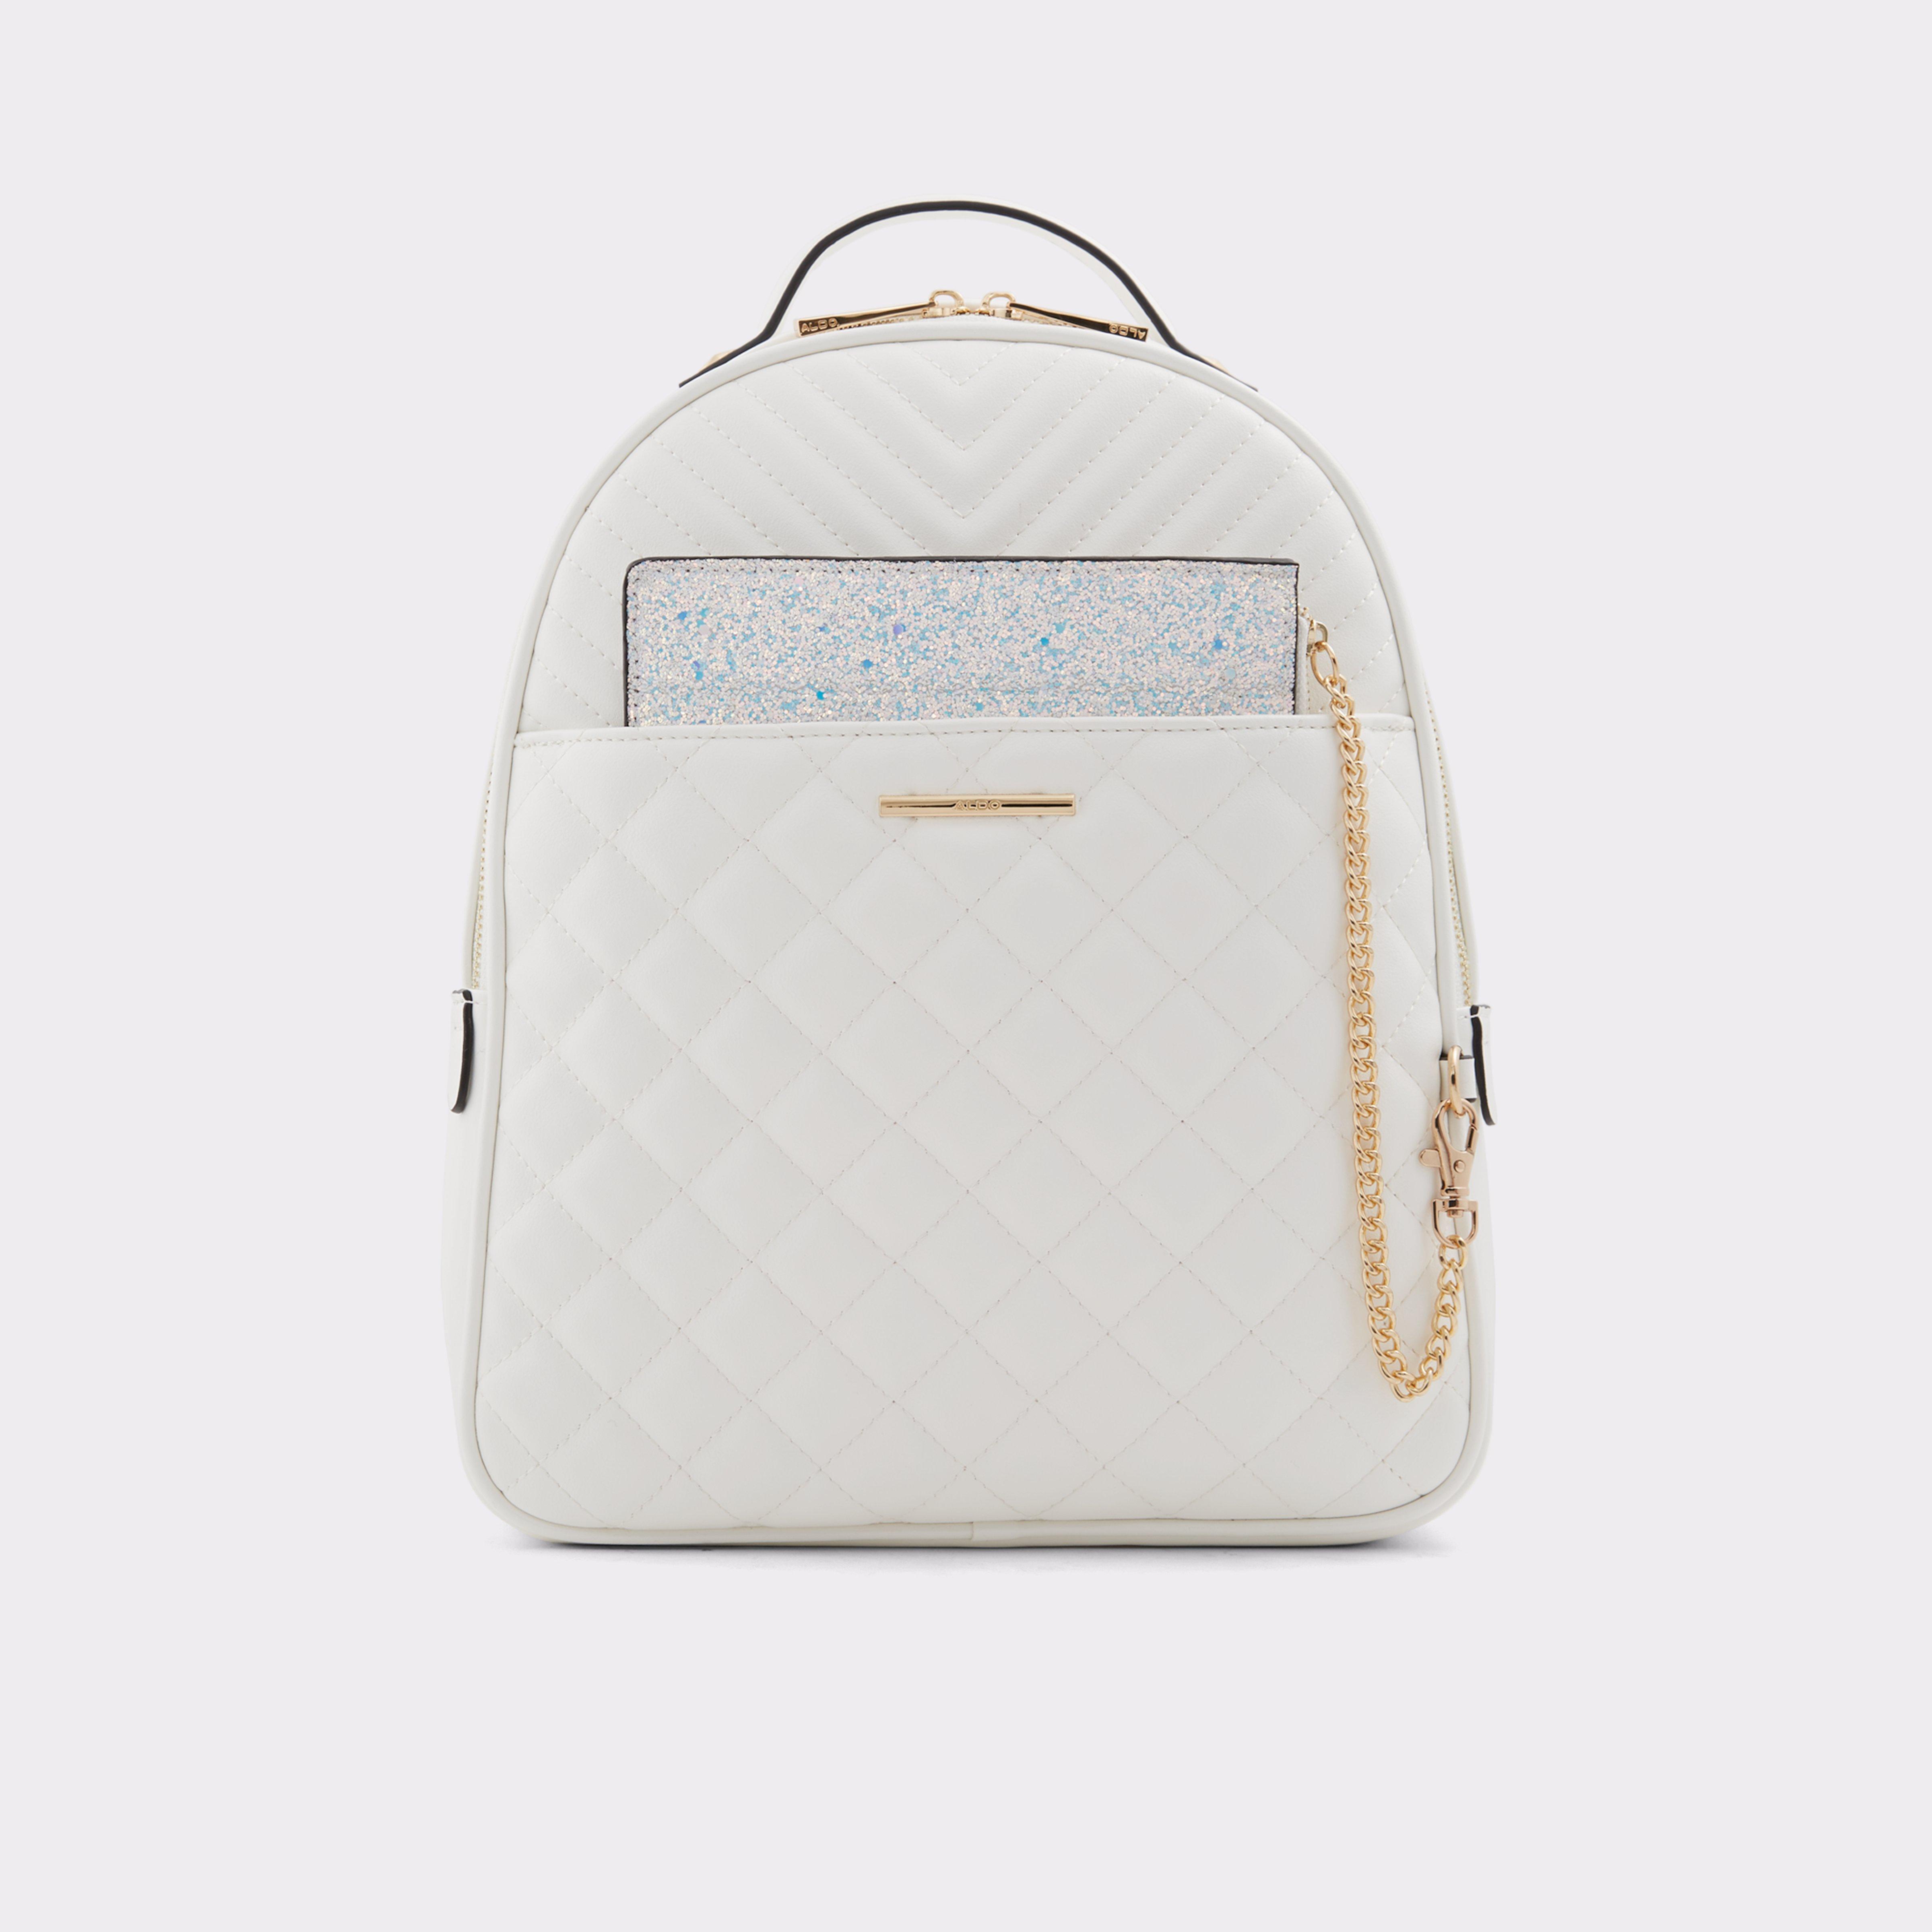 1b33e0d41e8 ALDO Auricelle in White - Lyst